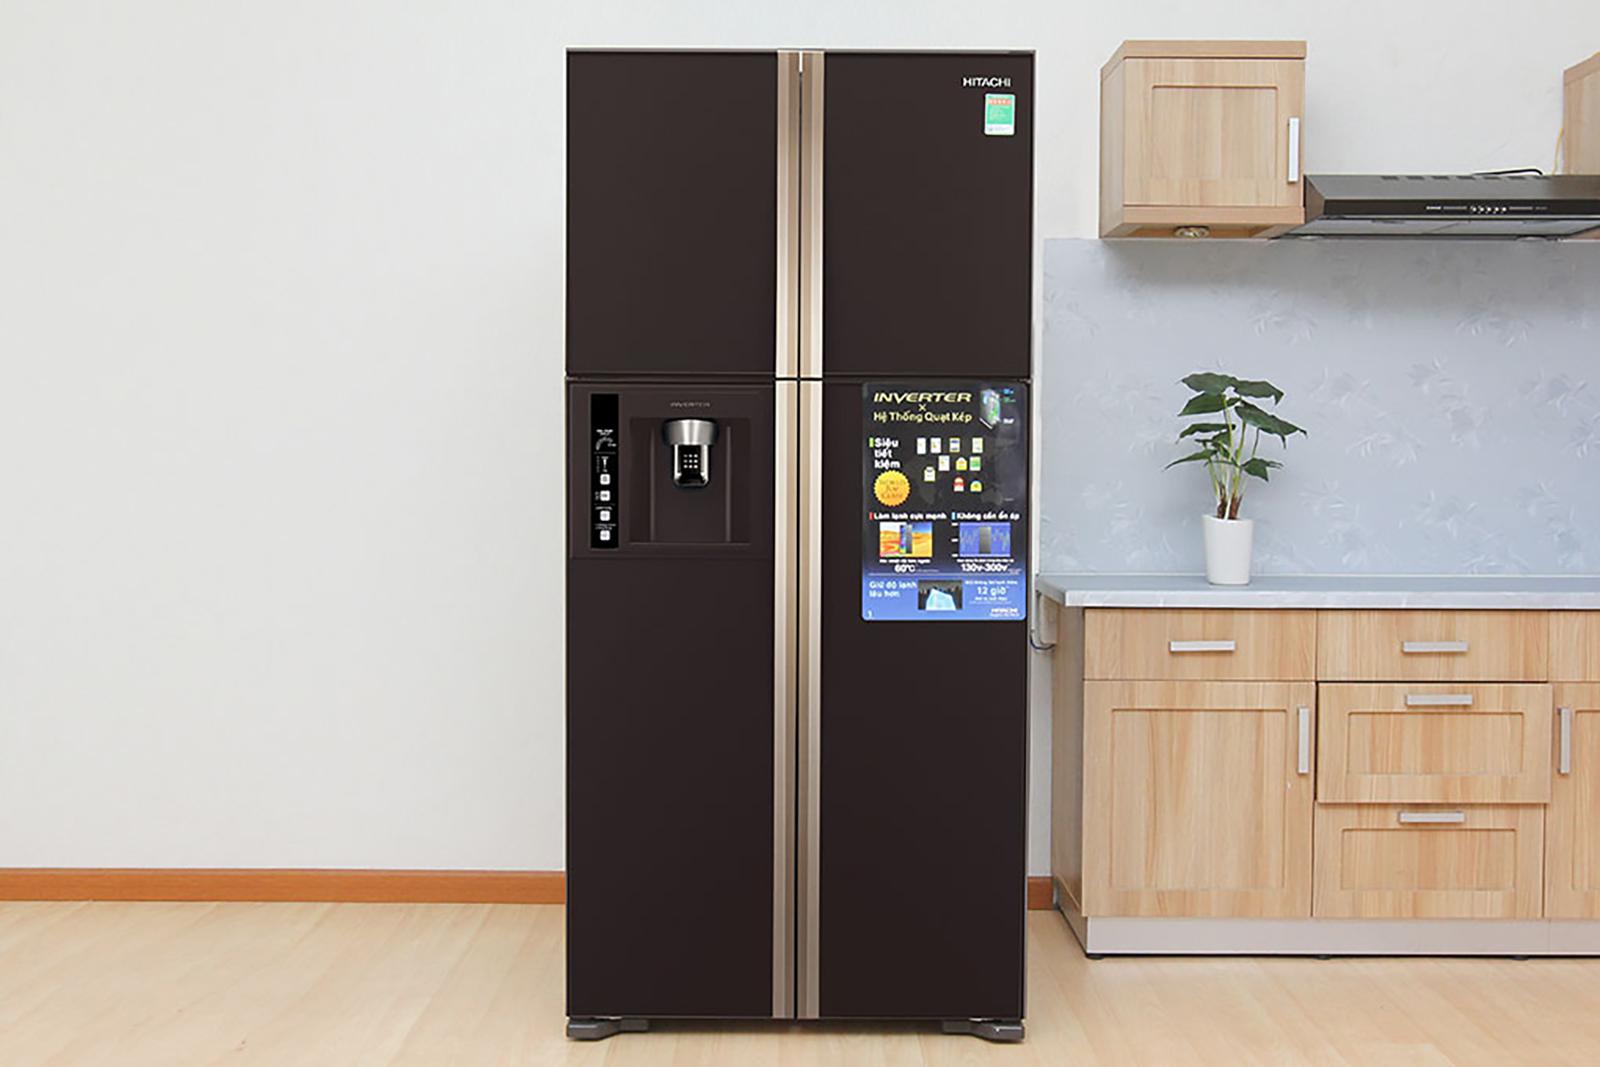 Tủ lạnh Hitachi với thiết kế sang trọng tinh tế